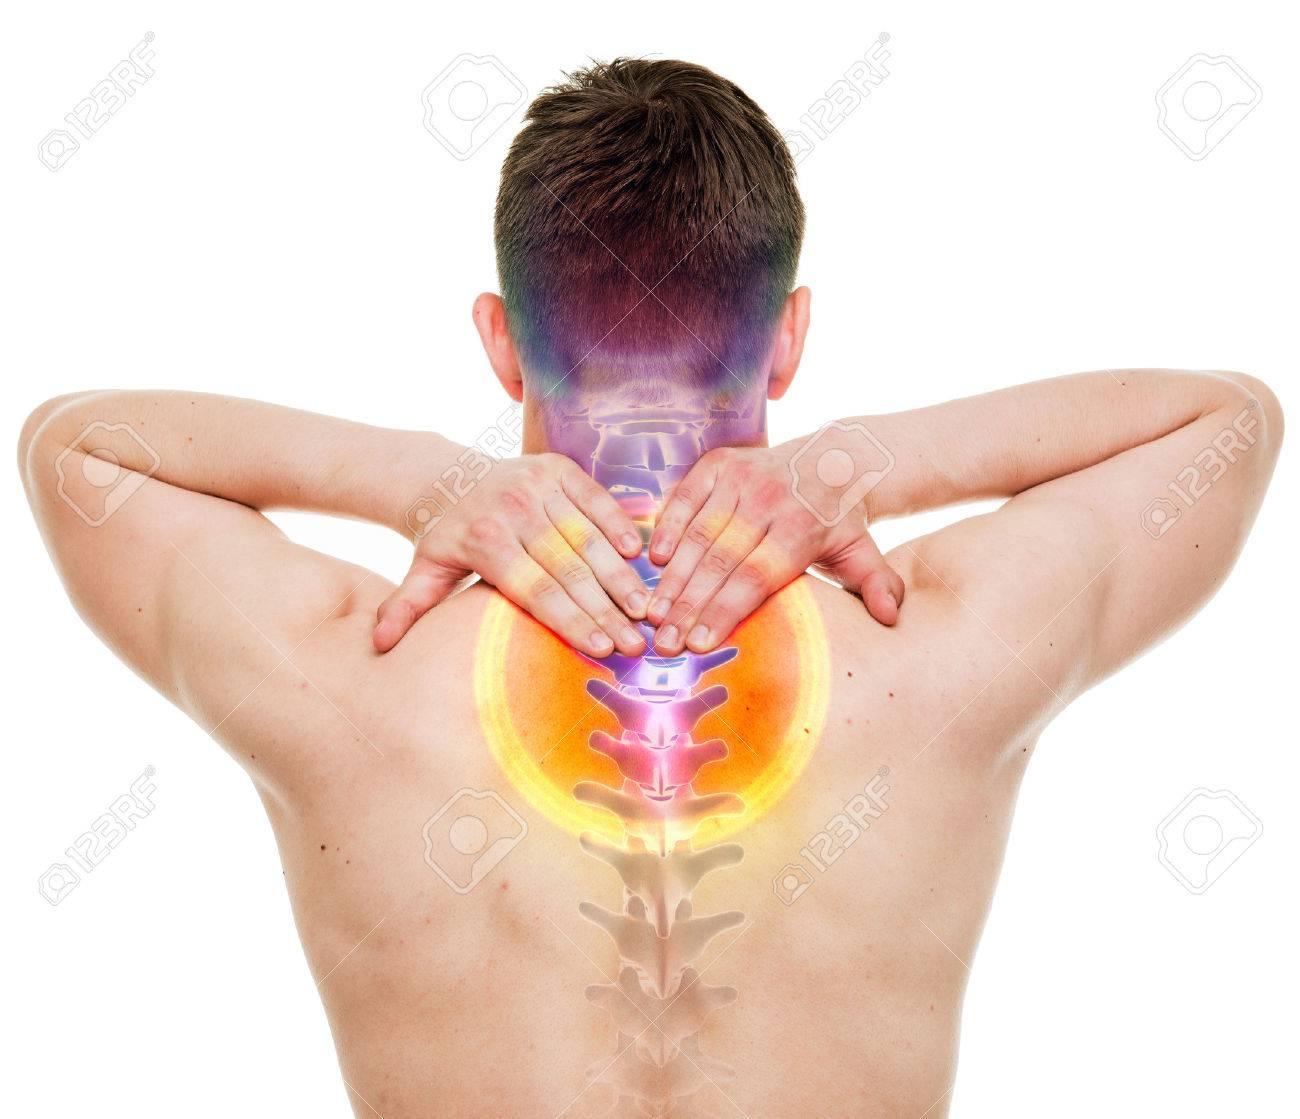 Nackenschmerzen - Male Hurt Halswirbelsäule Isoliert Auf Weiß - REAL ...